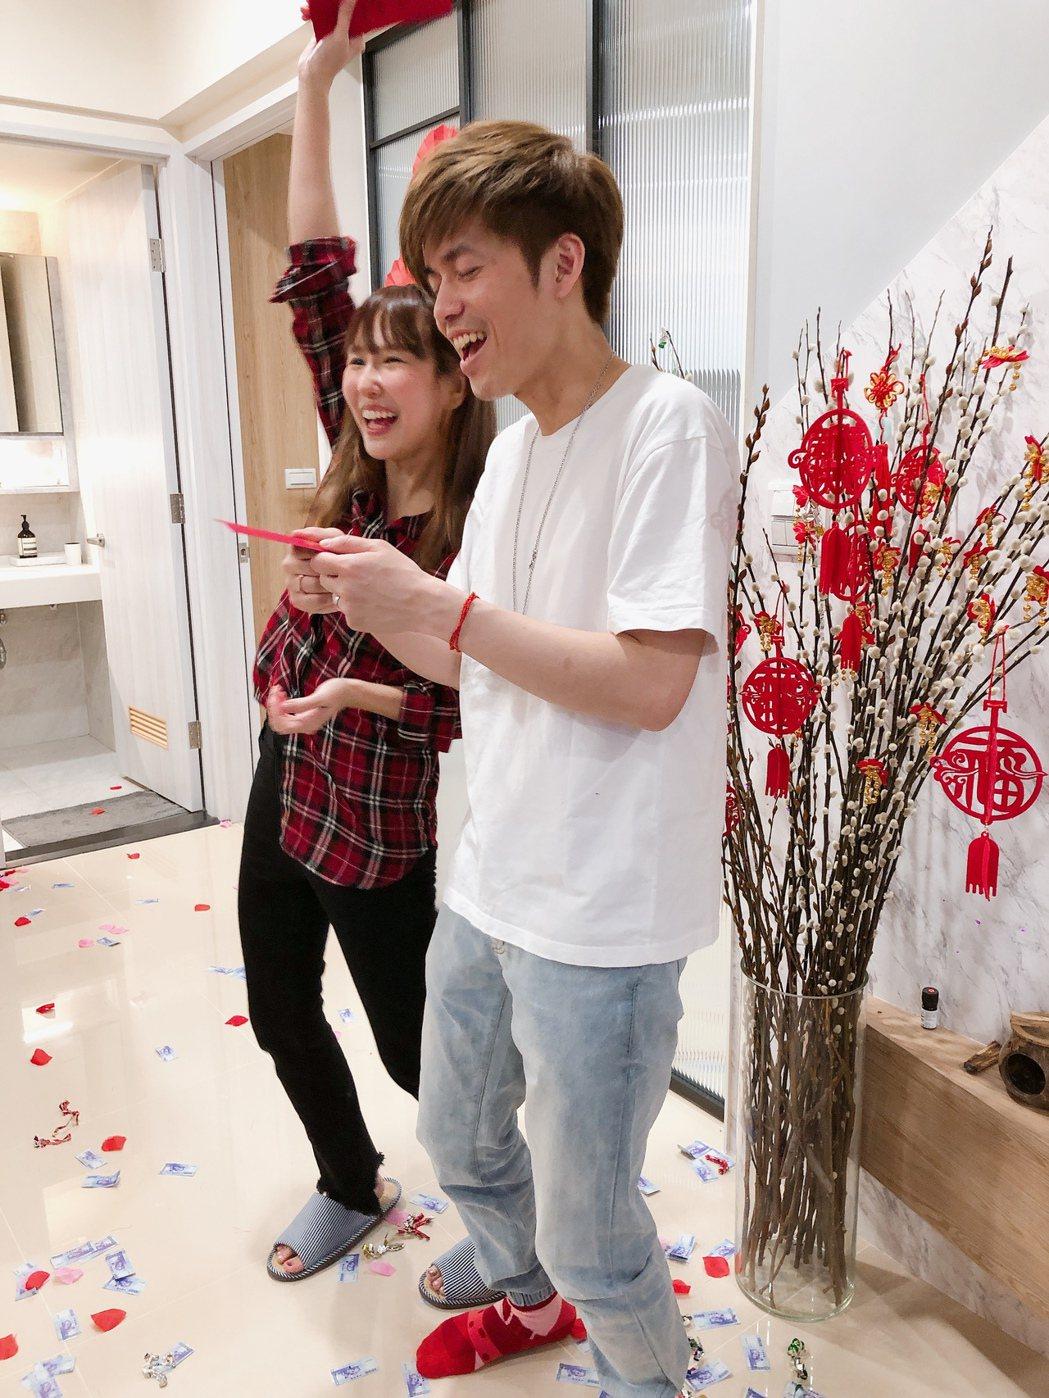 潘嘉麗(左)與老公在家中請客。圖/潘嘉麗提供